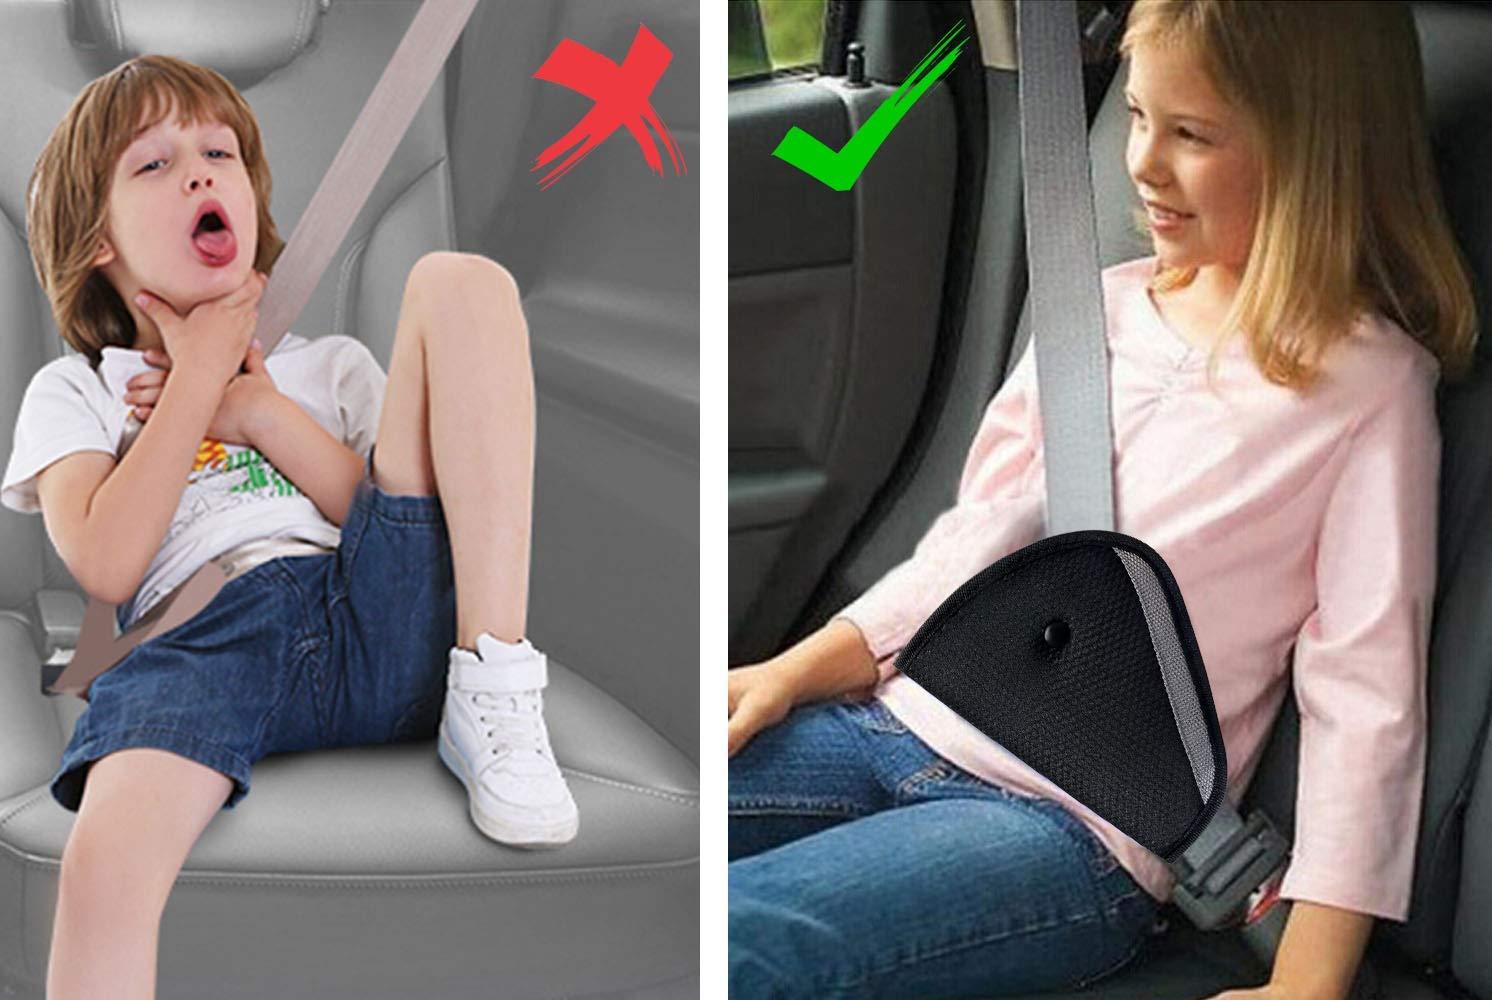 Lascia che il Bambino Dorma pi/ù Comodamente in Macchina Proteggere le Vertebre Cervicali dei Bambini Cuscino Cintura Sicurezza Bambini JIOUDI 3 Pezzi Accessori Seggiolini Auto per Bambini